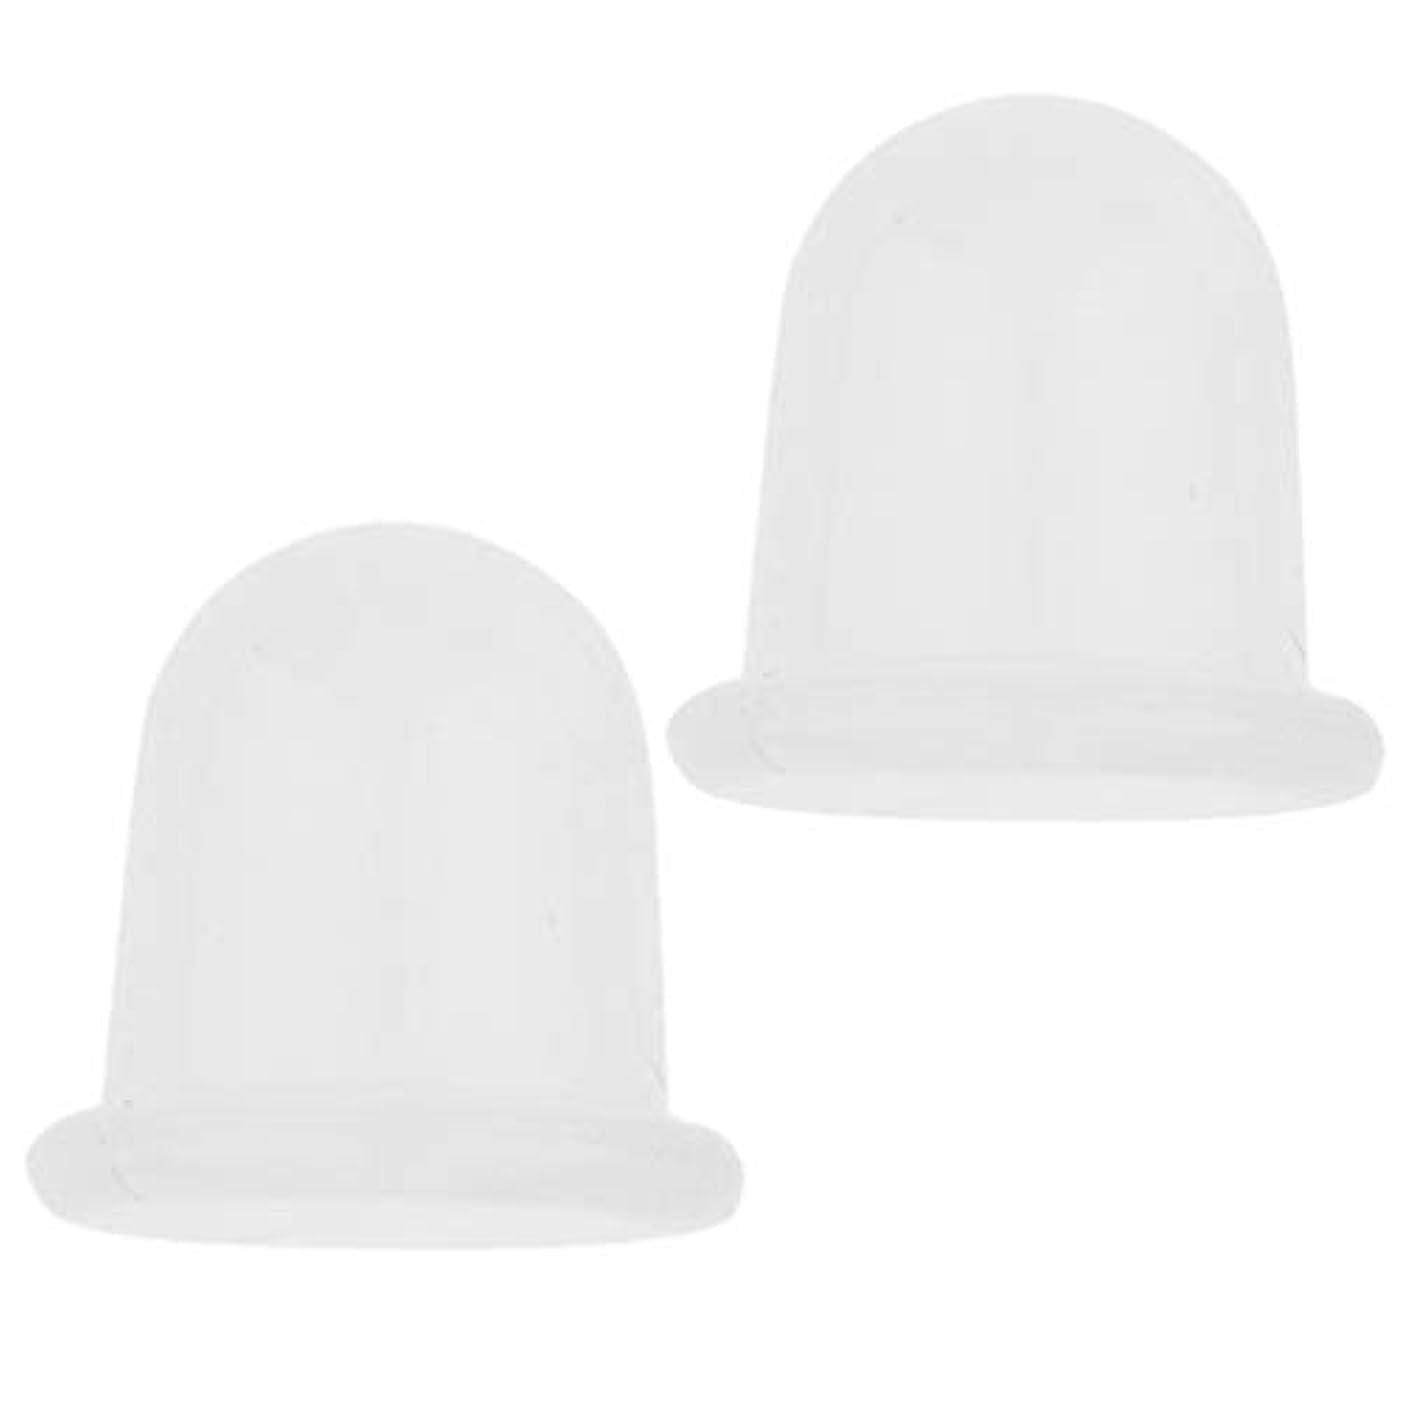 強調リテラシークラス真空カッピングカップ 吸玉 顔 目 頚部 背中 胸 脚 全身のメッセージ用 2ピース 汎用